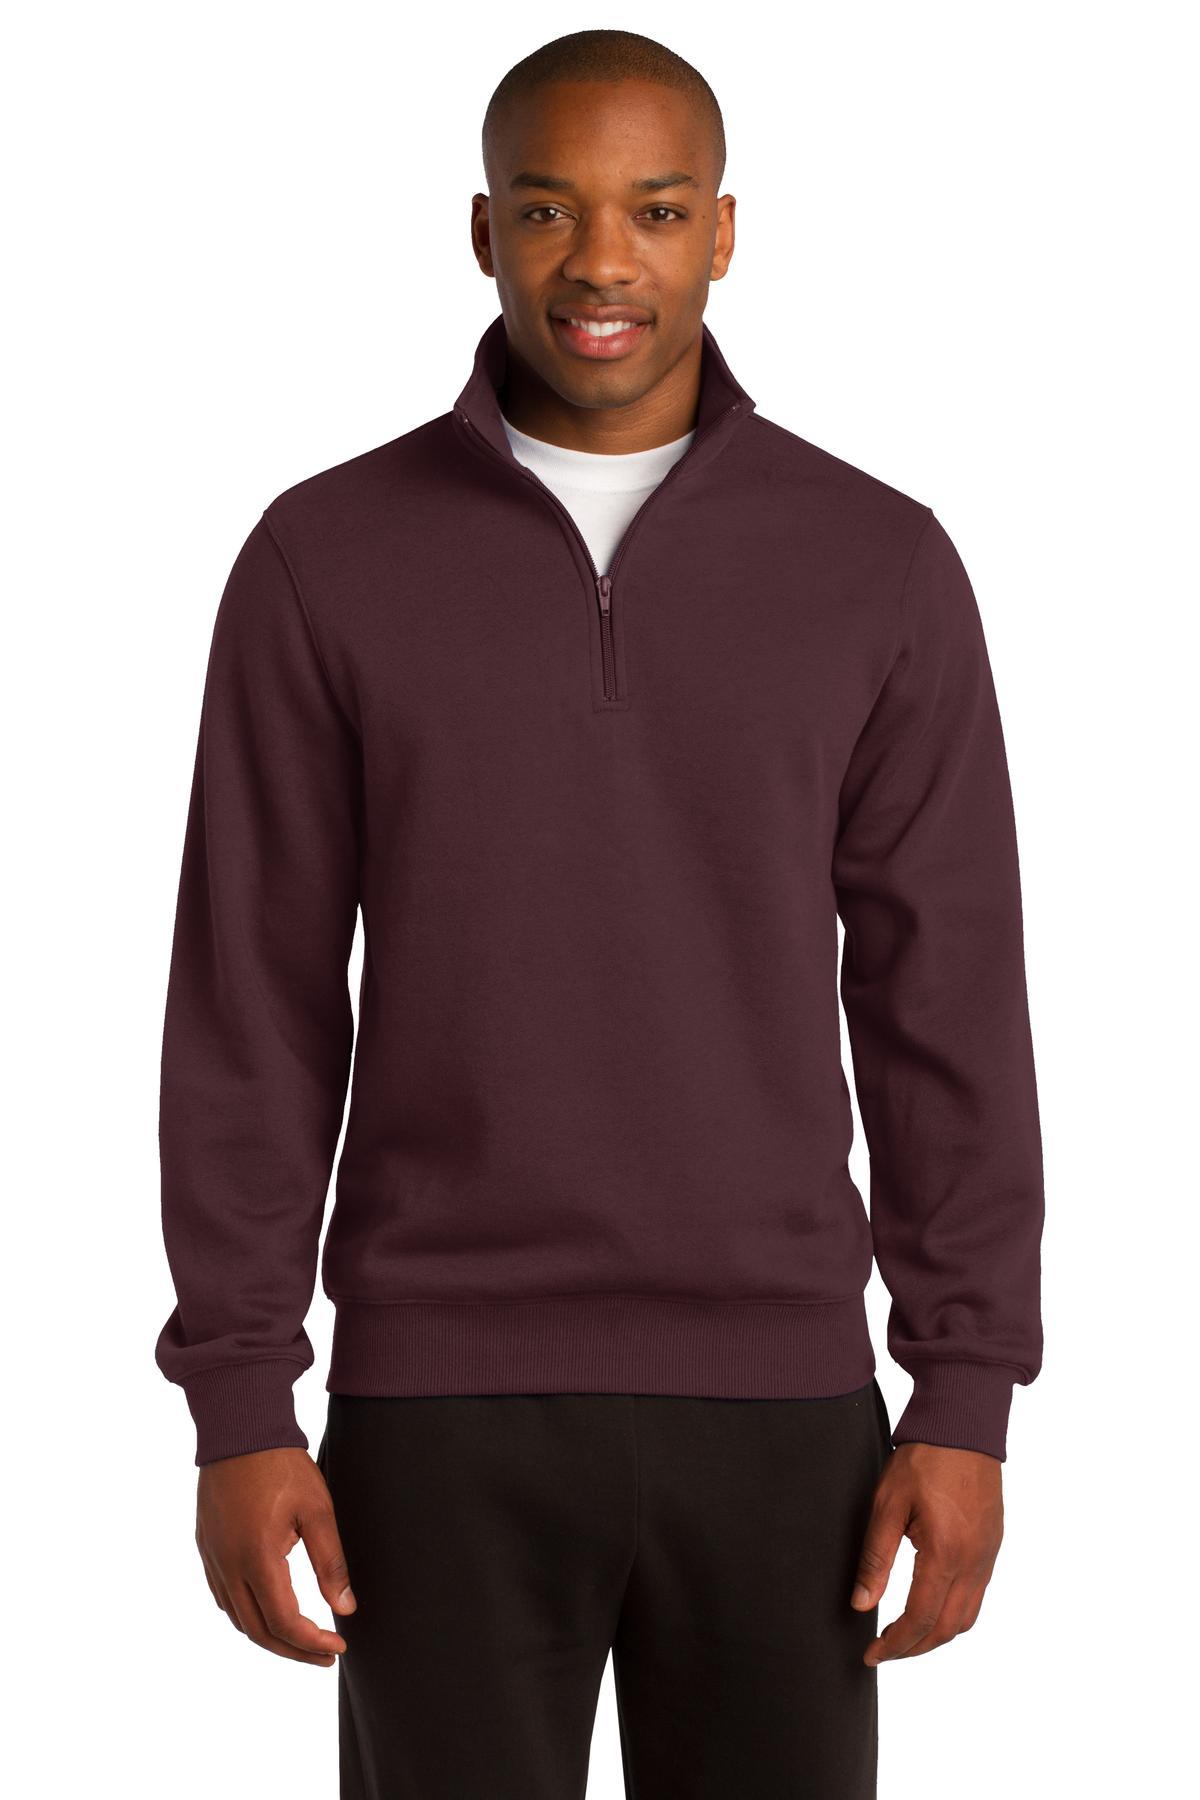 Sweatshirts-Fleece-Half-Quarter-Zip-7